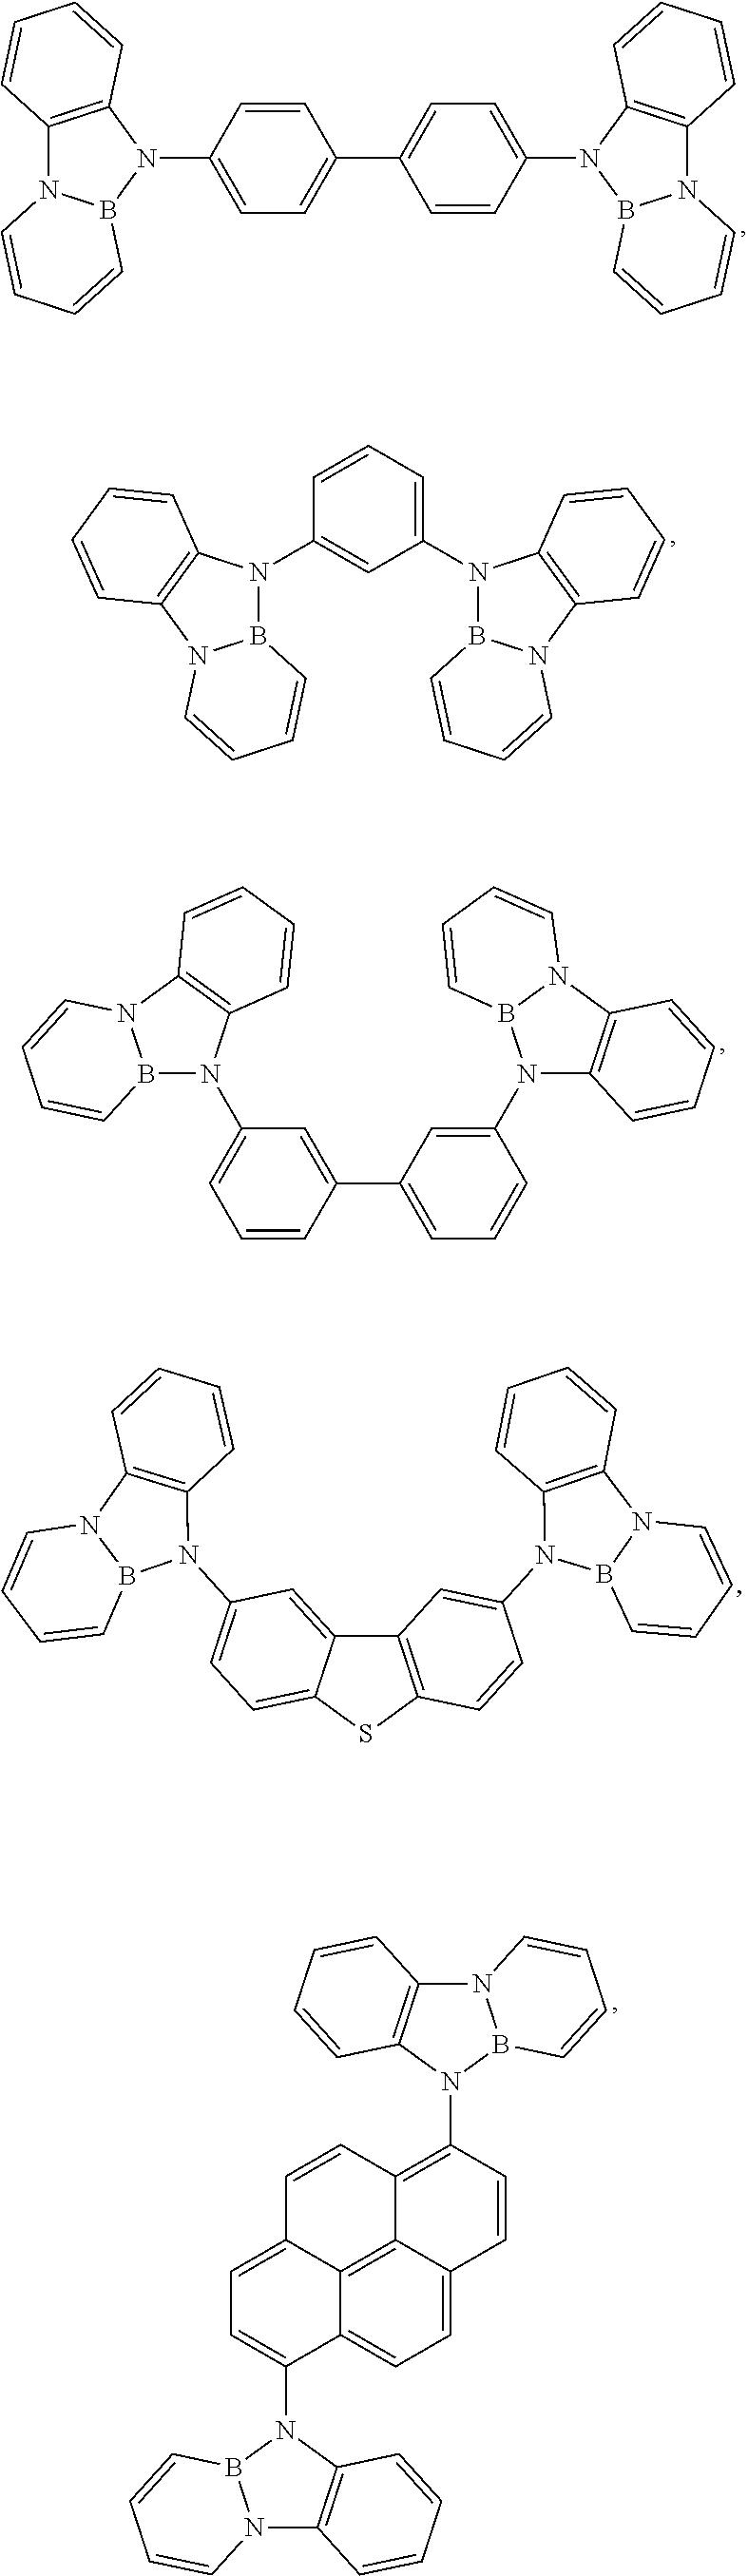 Figure US09287513-20160315-C00014